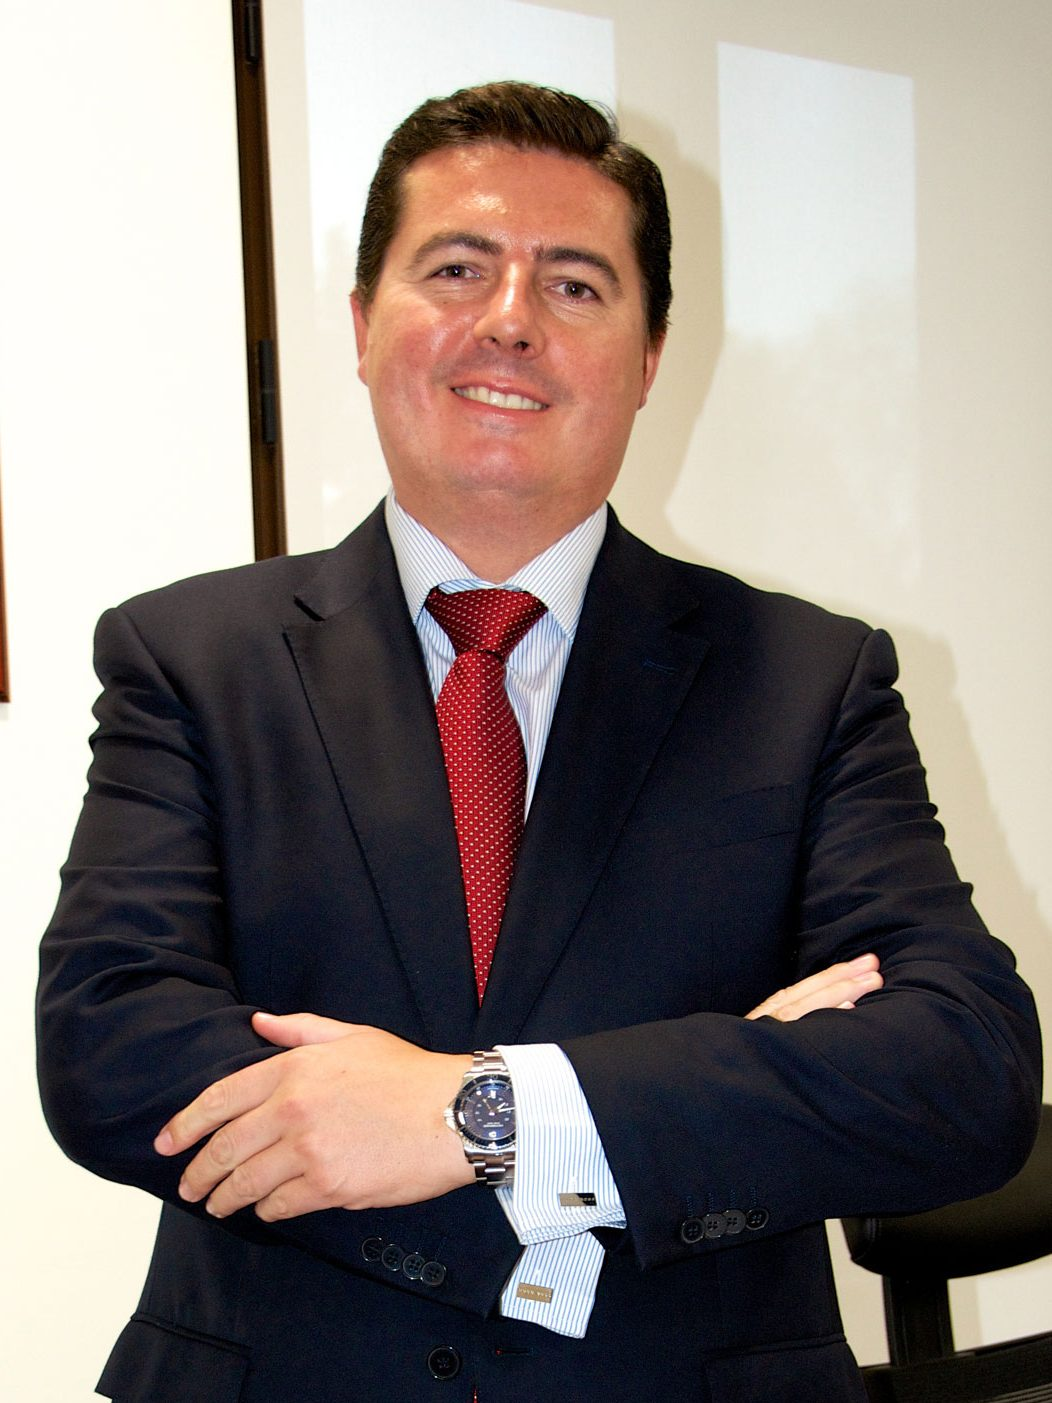 Carlos Bocanegra Baquero